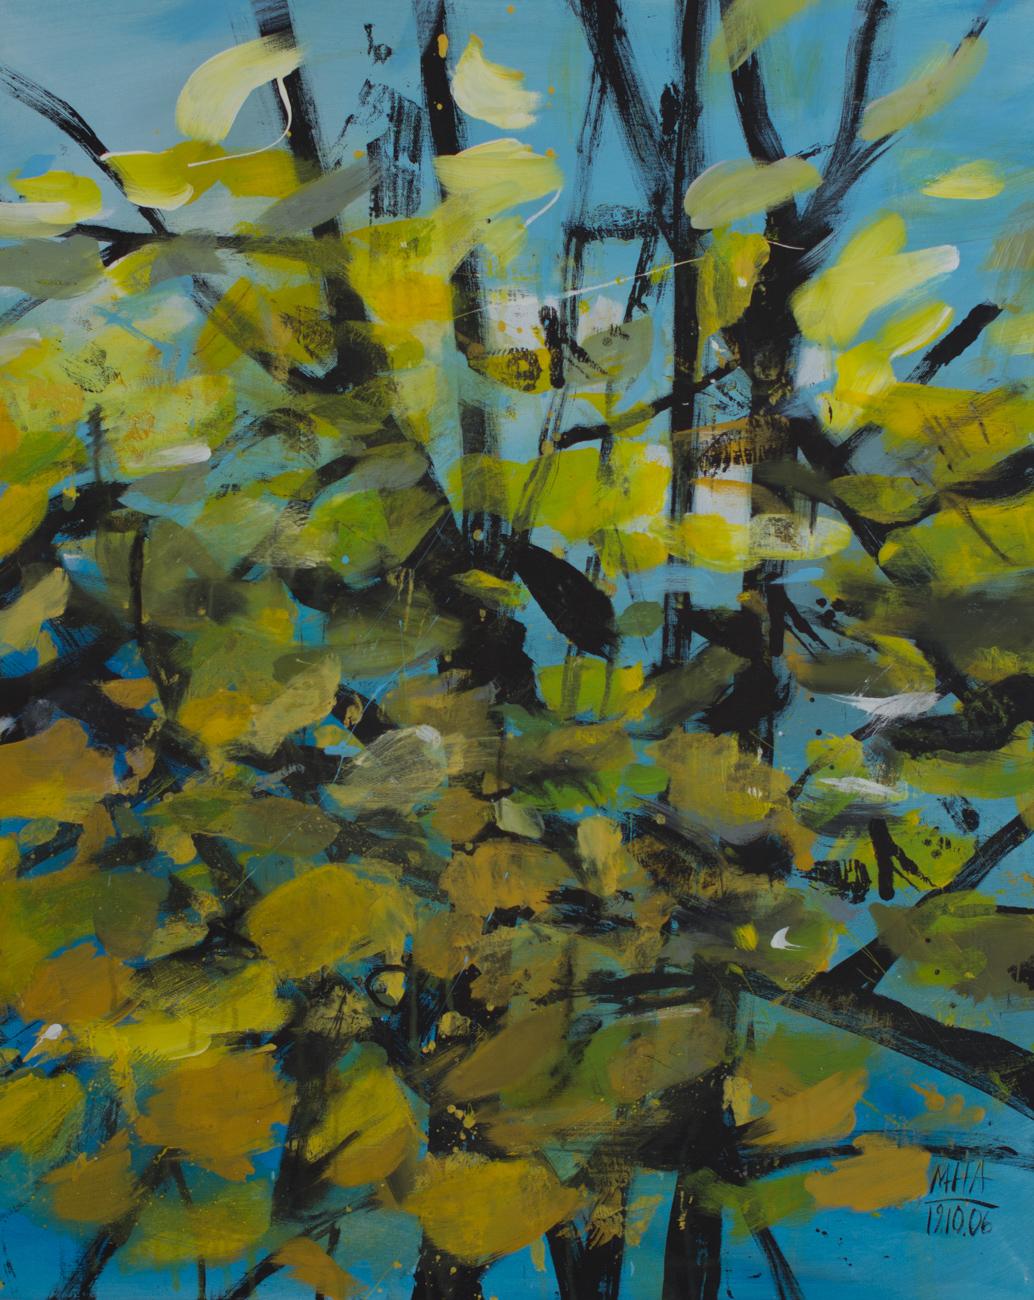 Herbst 1 , 2006,Acryl auf Leinwand, 80x100 cm